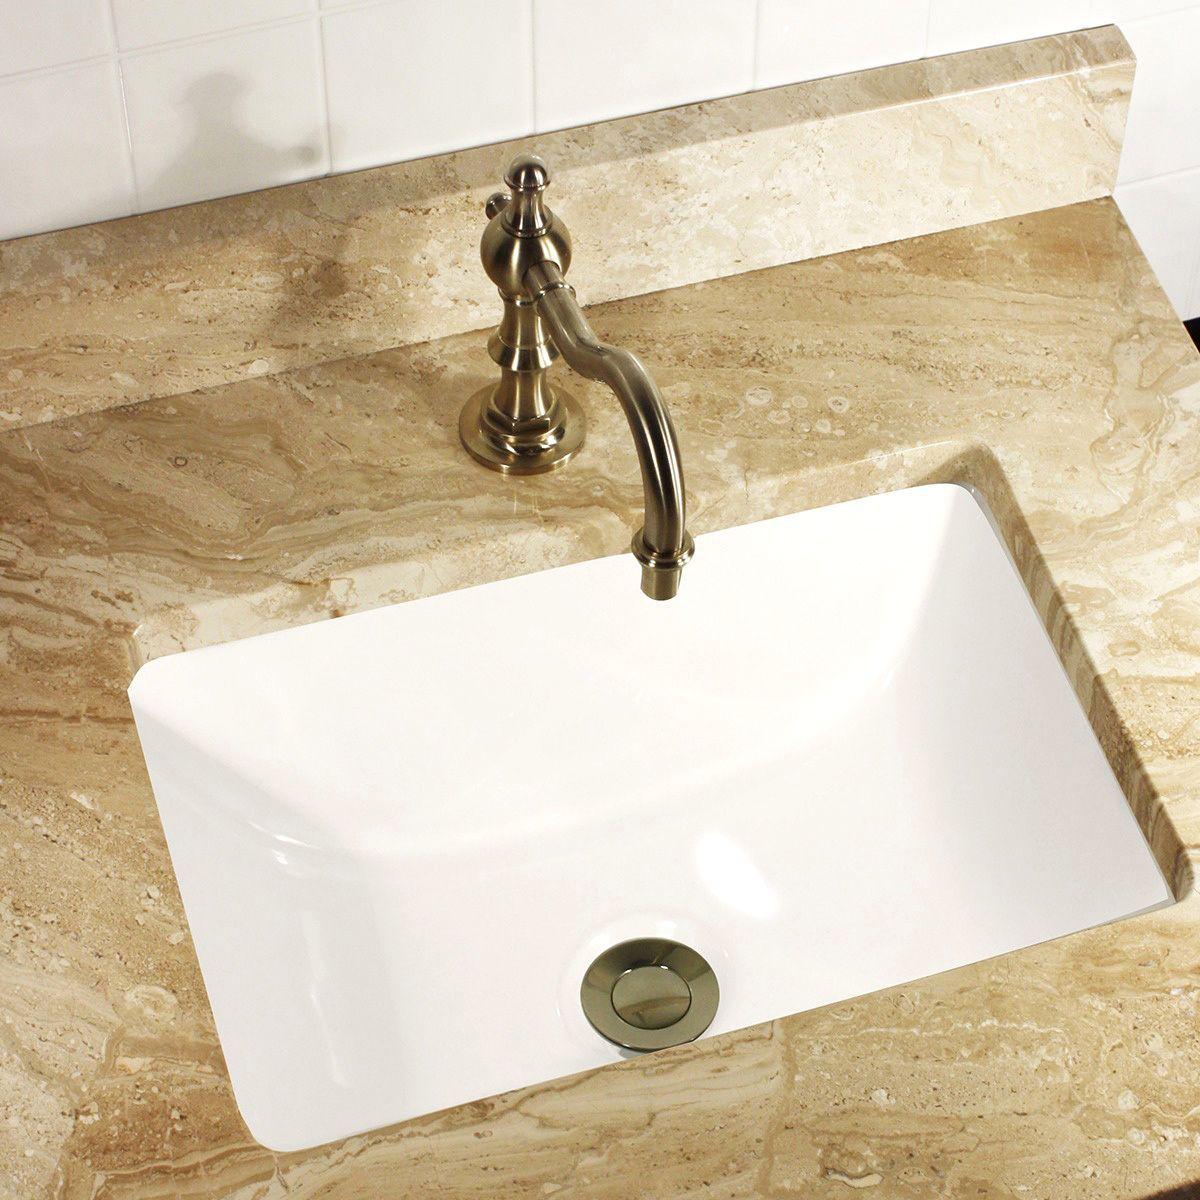 Our Best Sinks Deals Lavatory Sink Undermount Bathroom Sink Sink